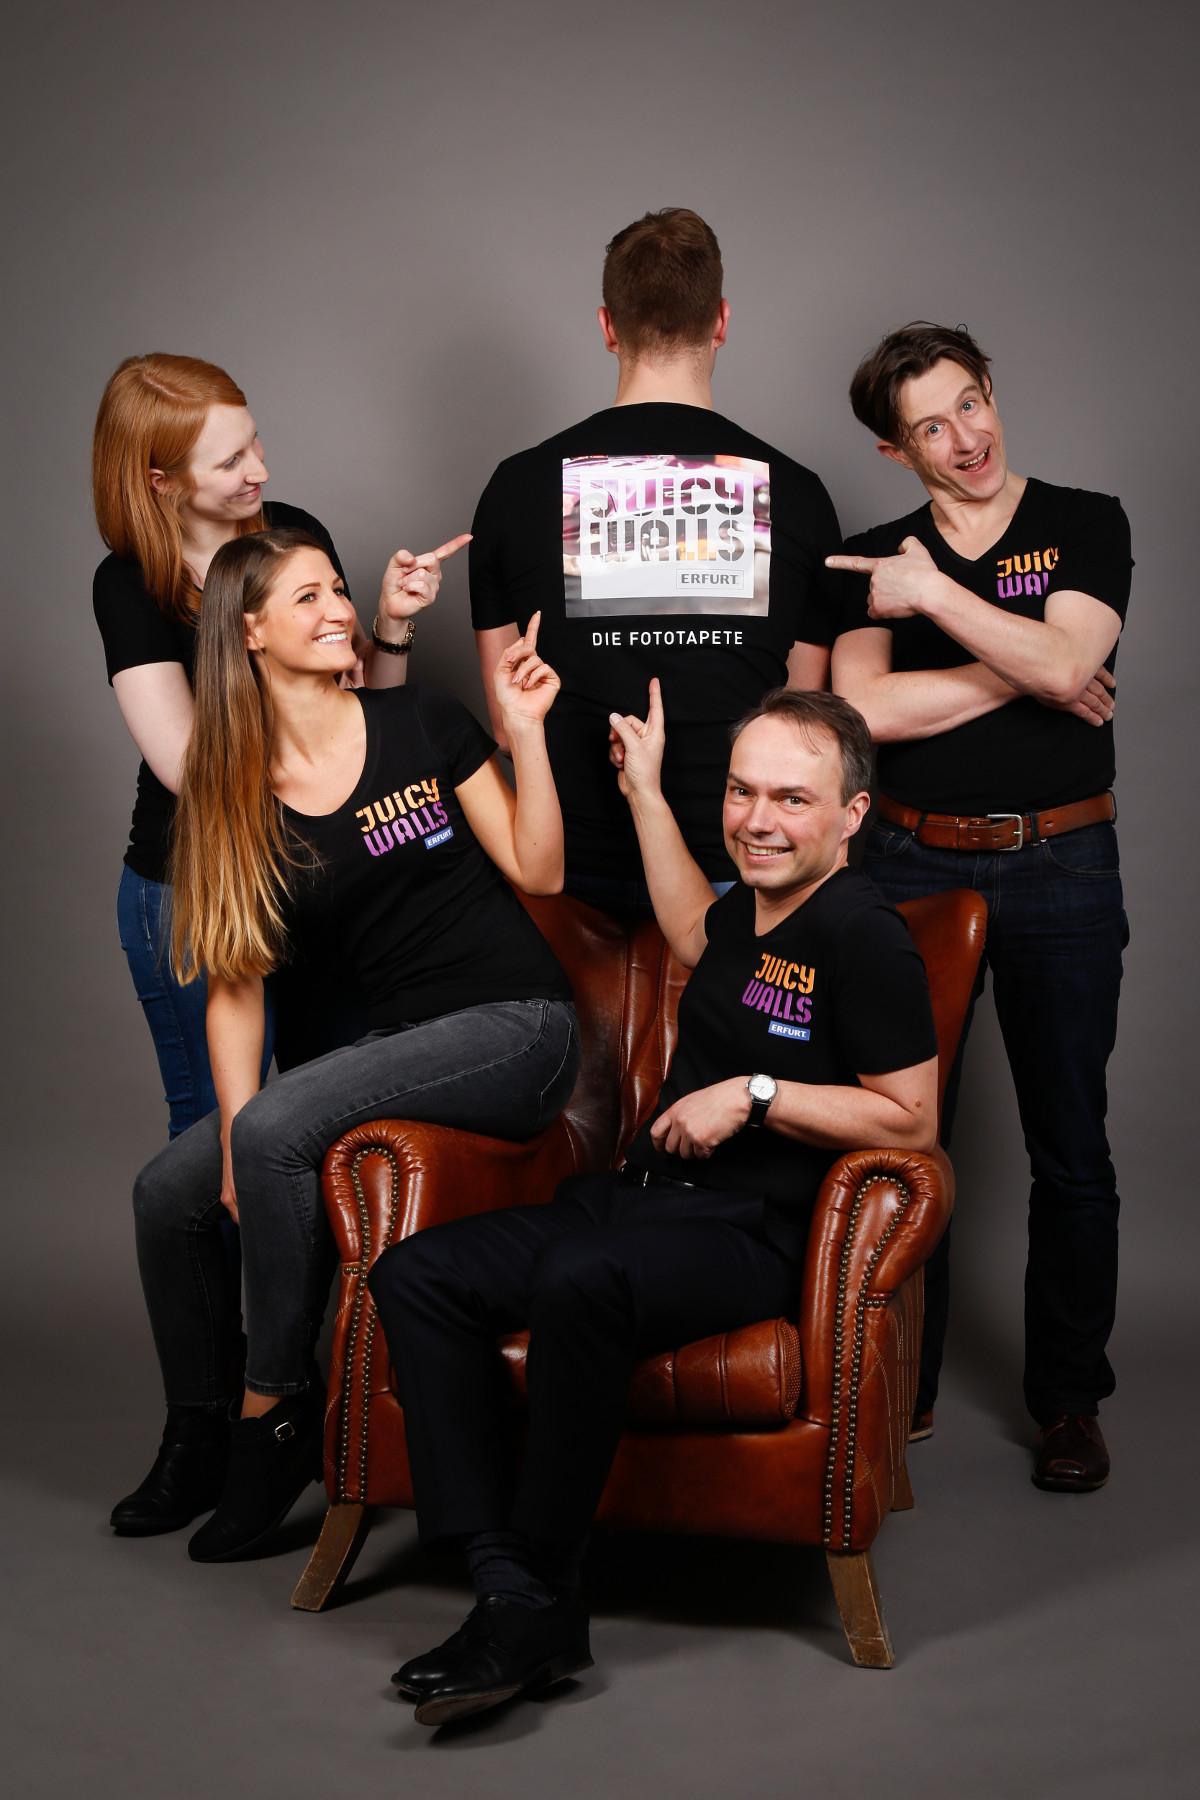 Das JuicyWalls Team